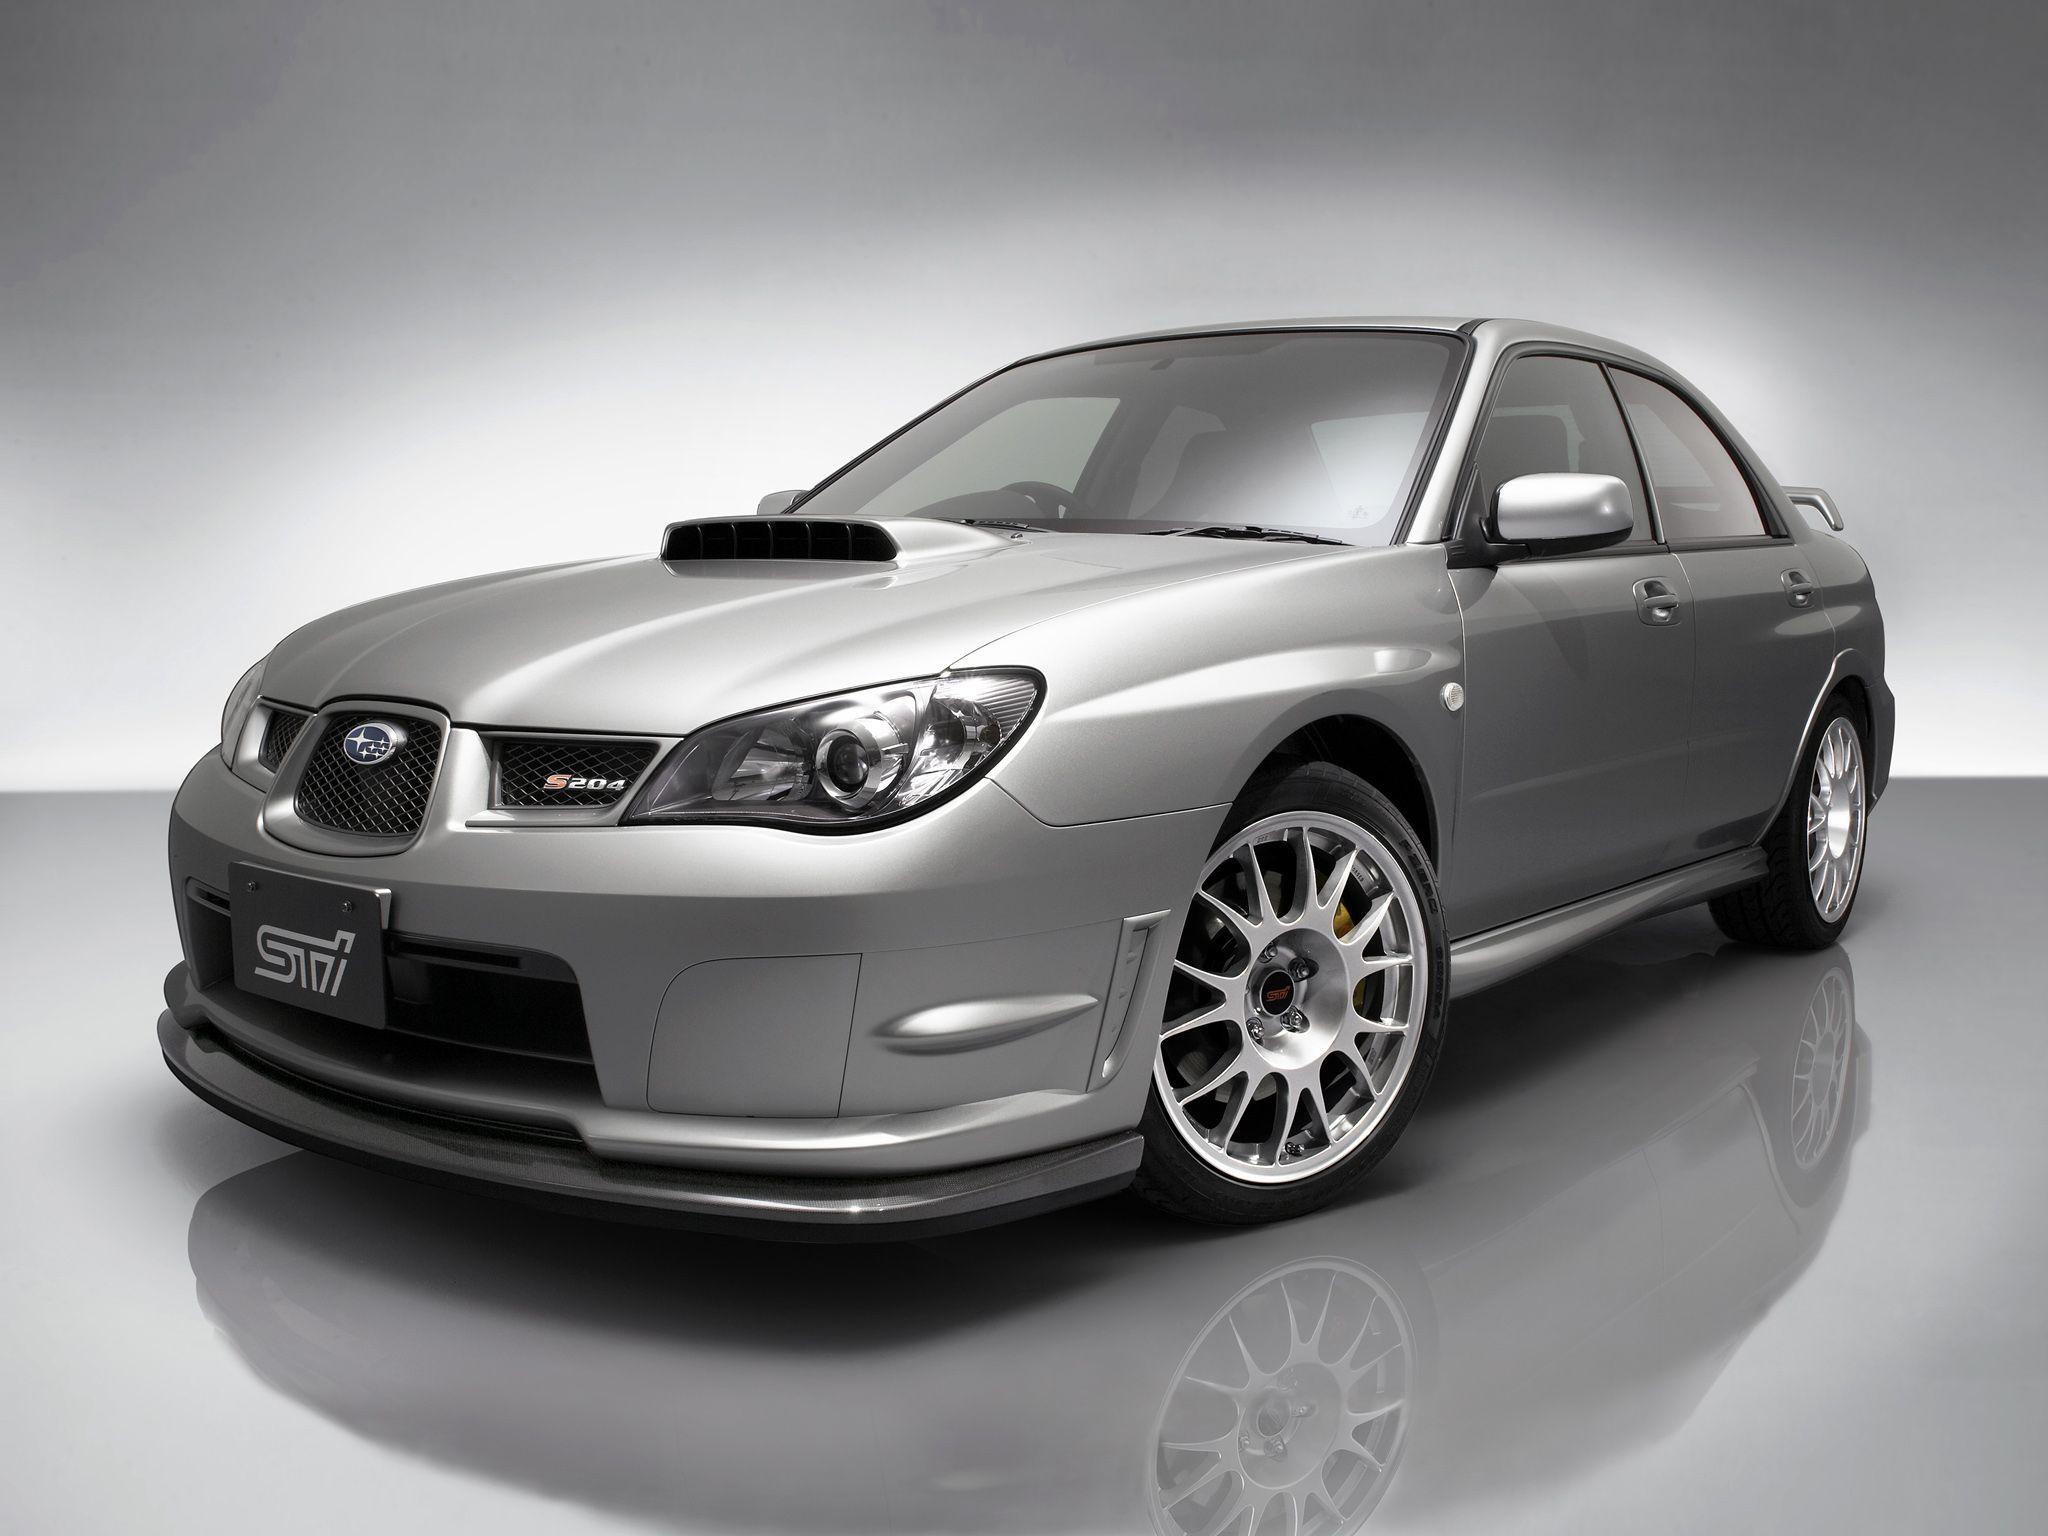 Subaru Impreza Wrx Sti Spec C Wr Limited Gdb 2004 Subaru